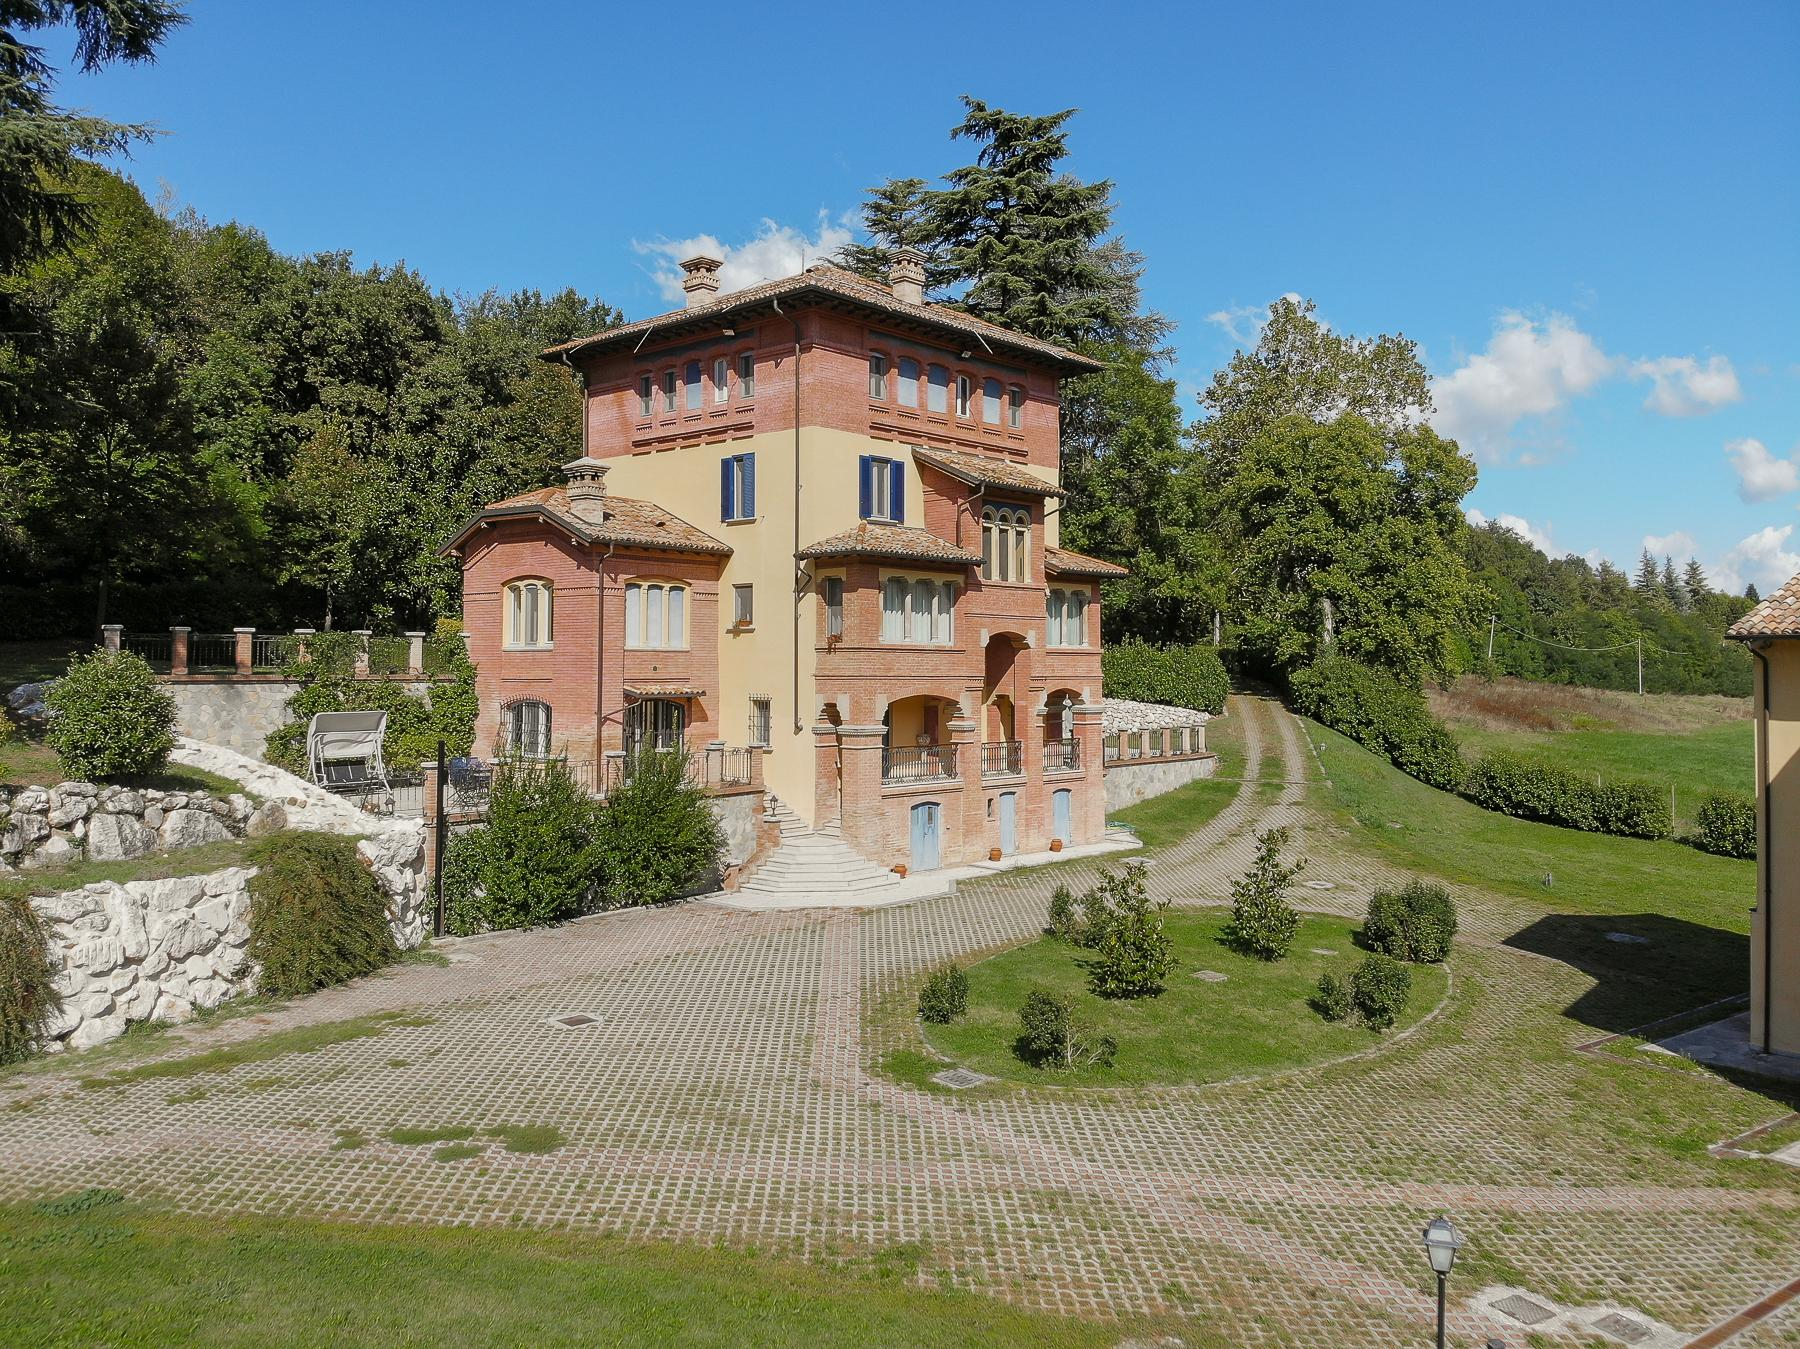 Salsomaggiore Terme温泉辉煌时期的别墅 - 1